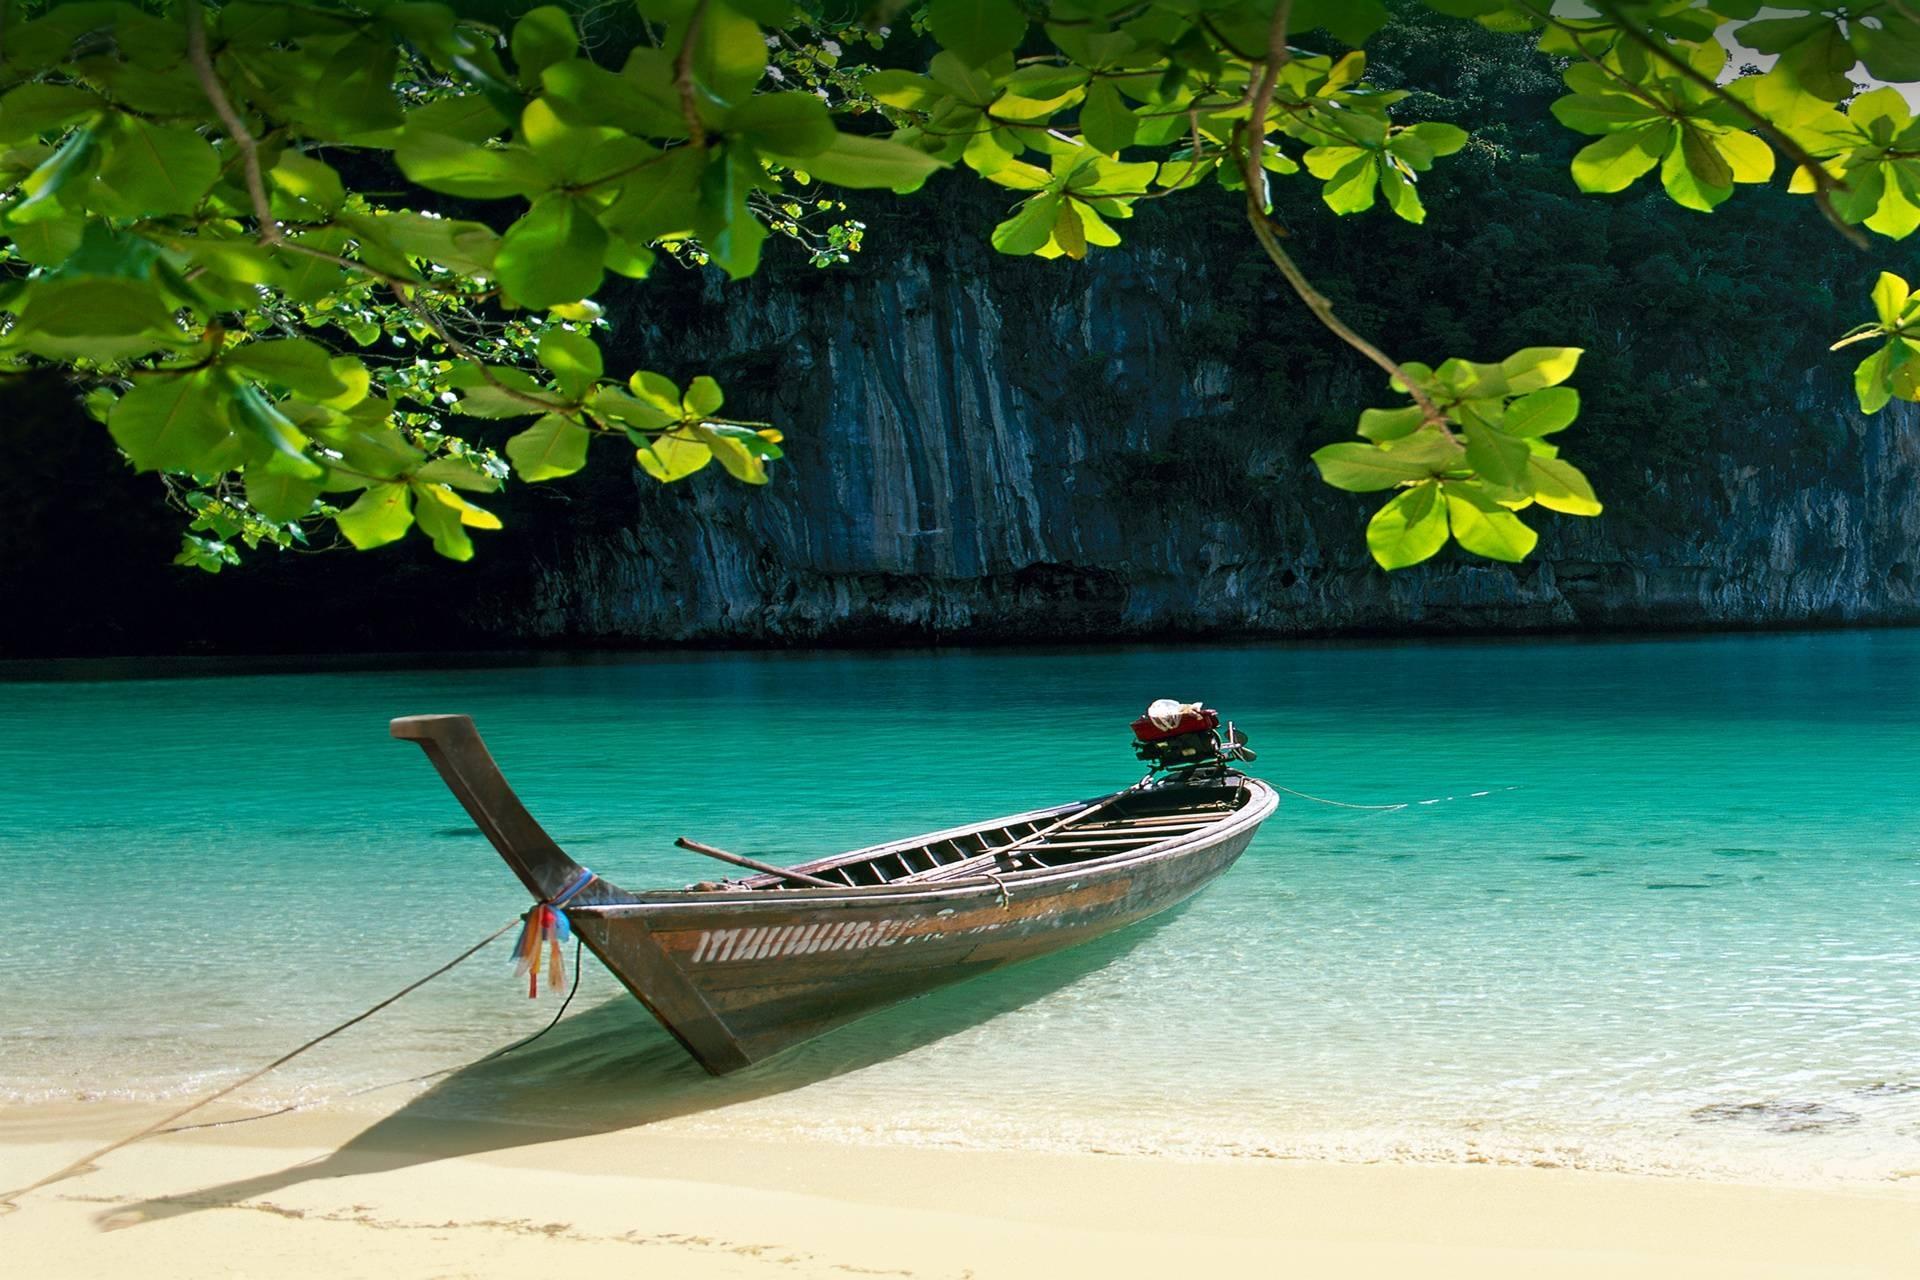 عکس زمینه قایق برکه پس زمینه